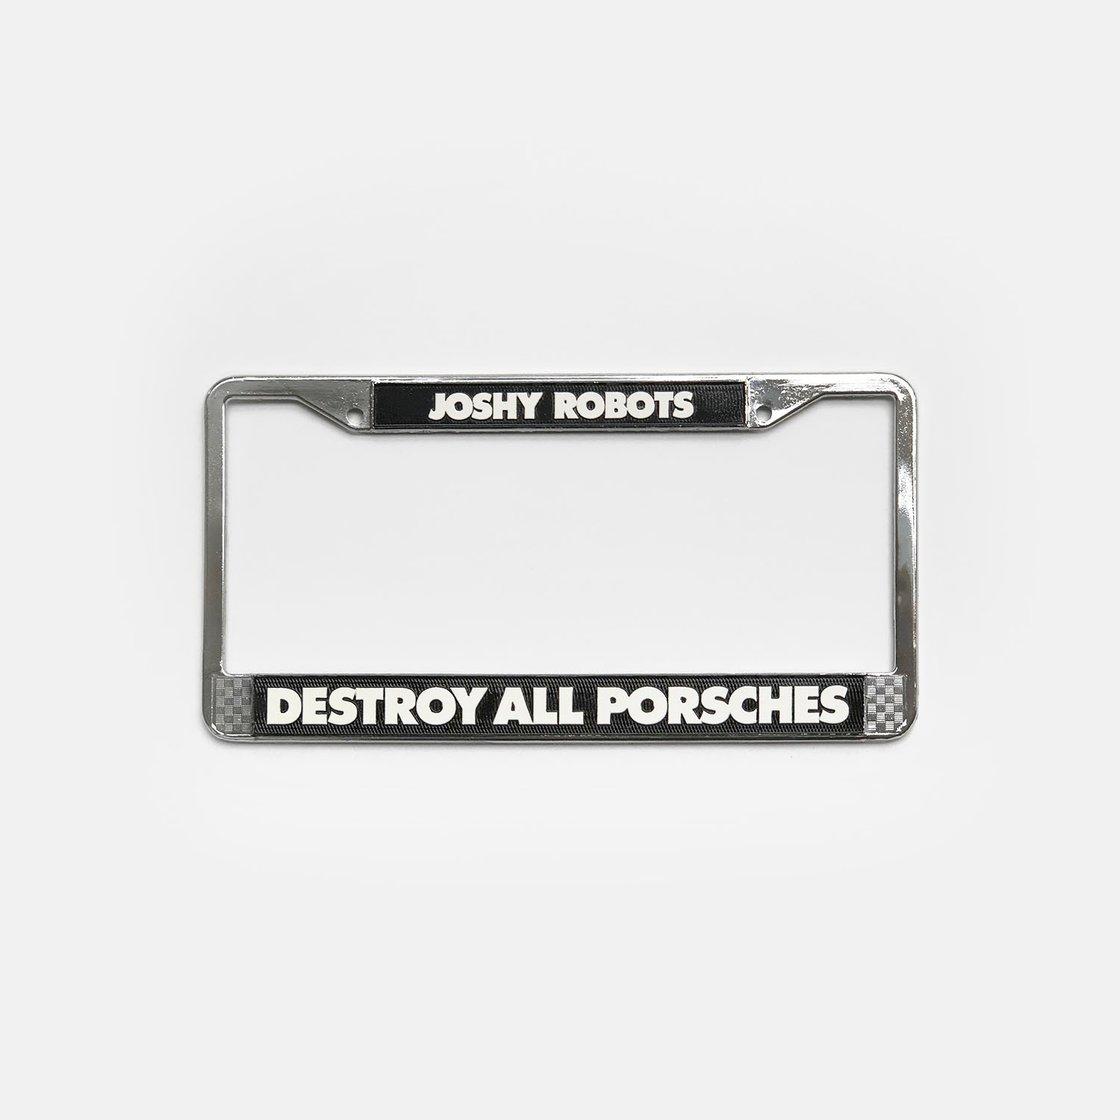 Image of Destroy plate frame